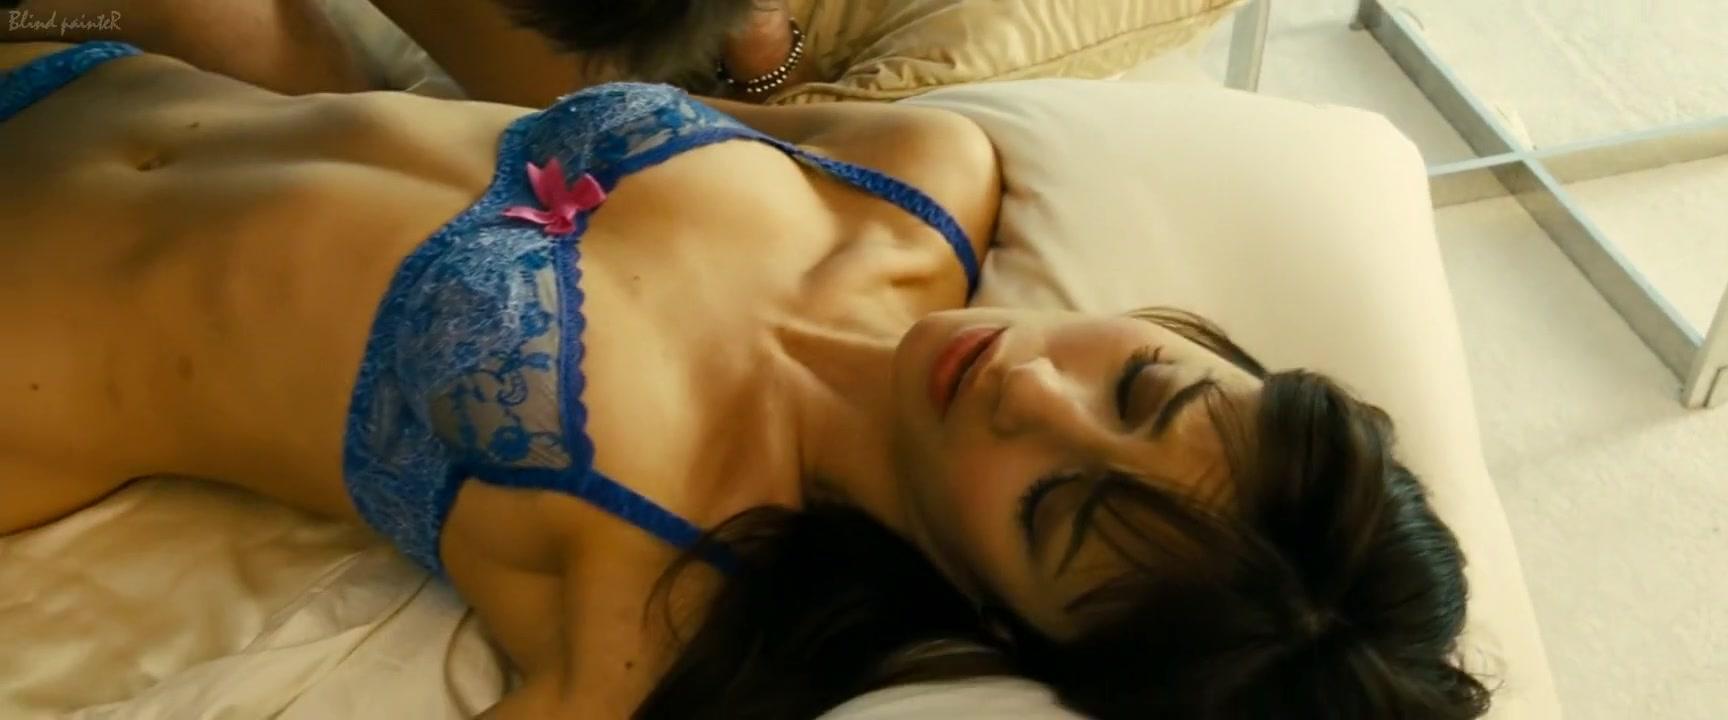 Hot xXx Video Zoe dating app